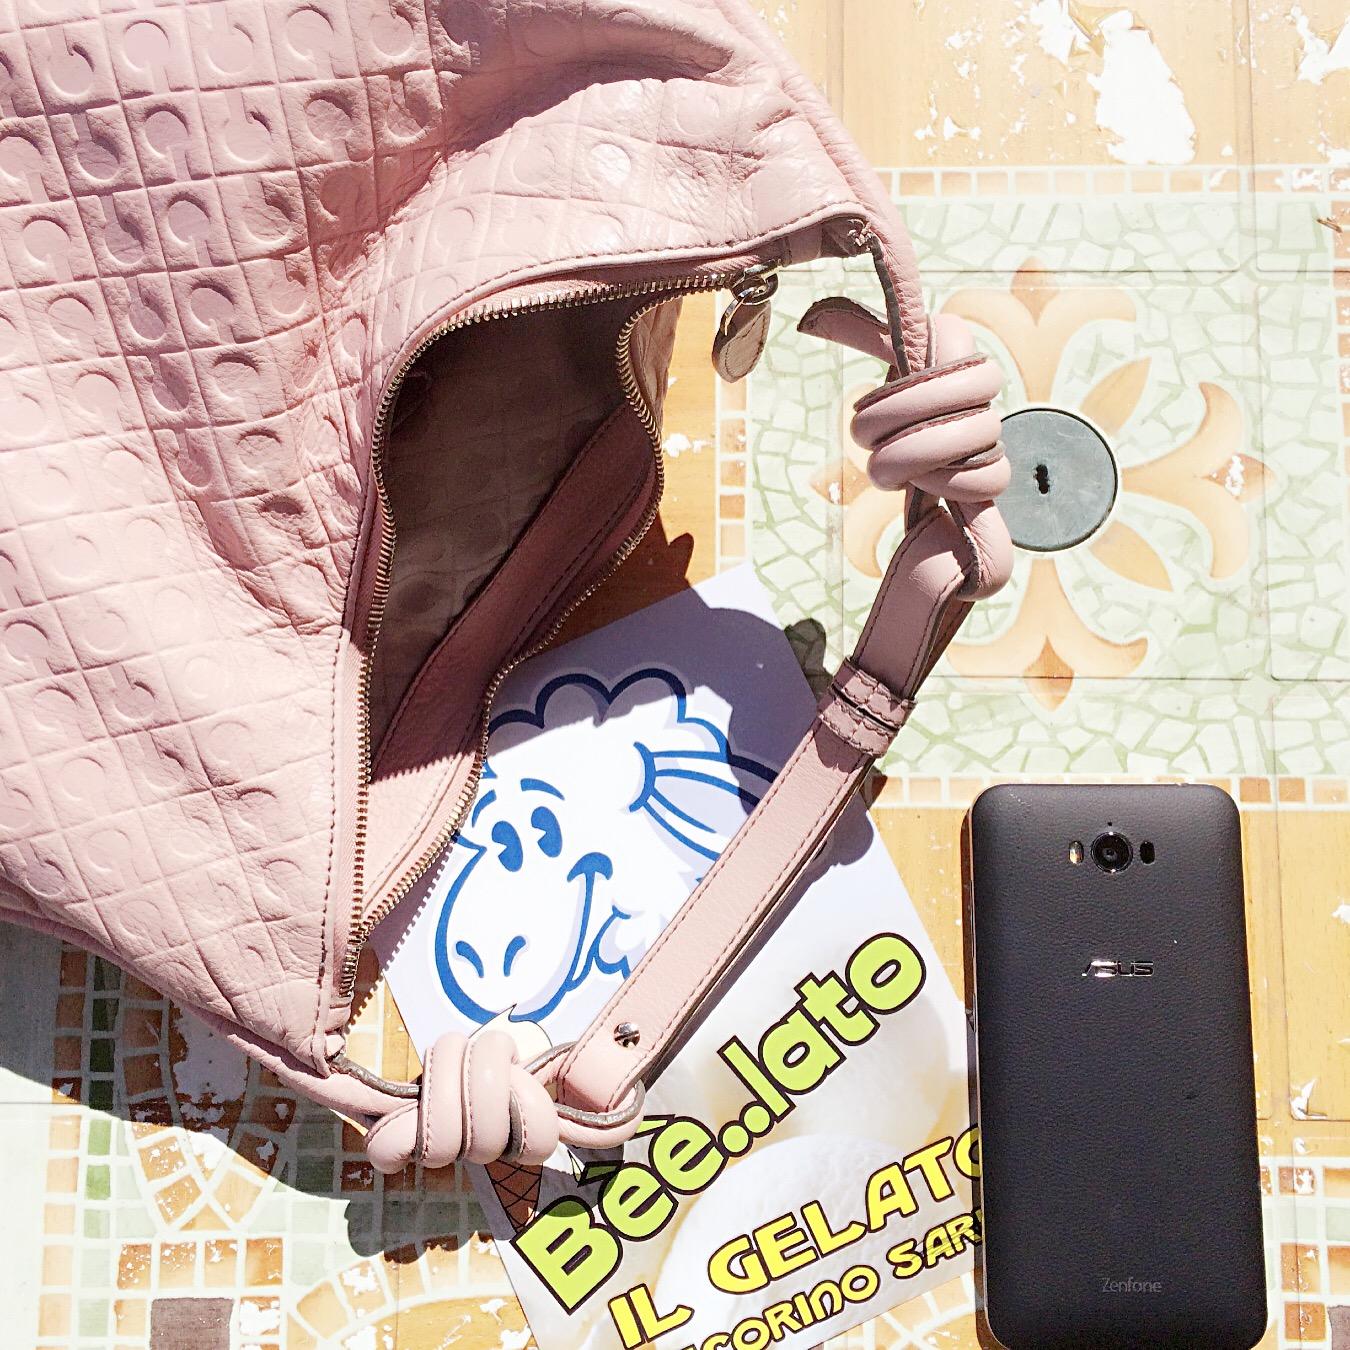 asus-zenfone-max-maiscarico-smartphone-hi-tech-valentina-coco-fashion-blogger